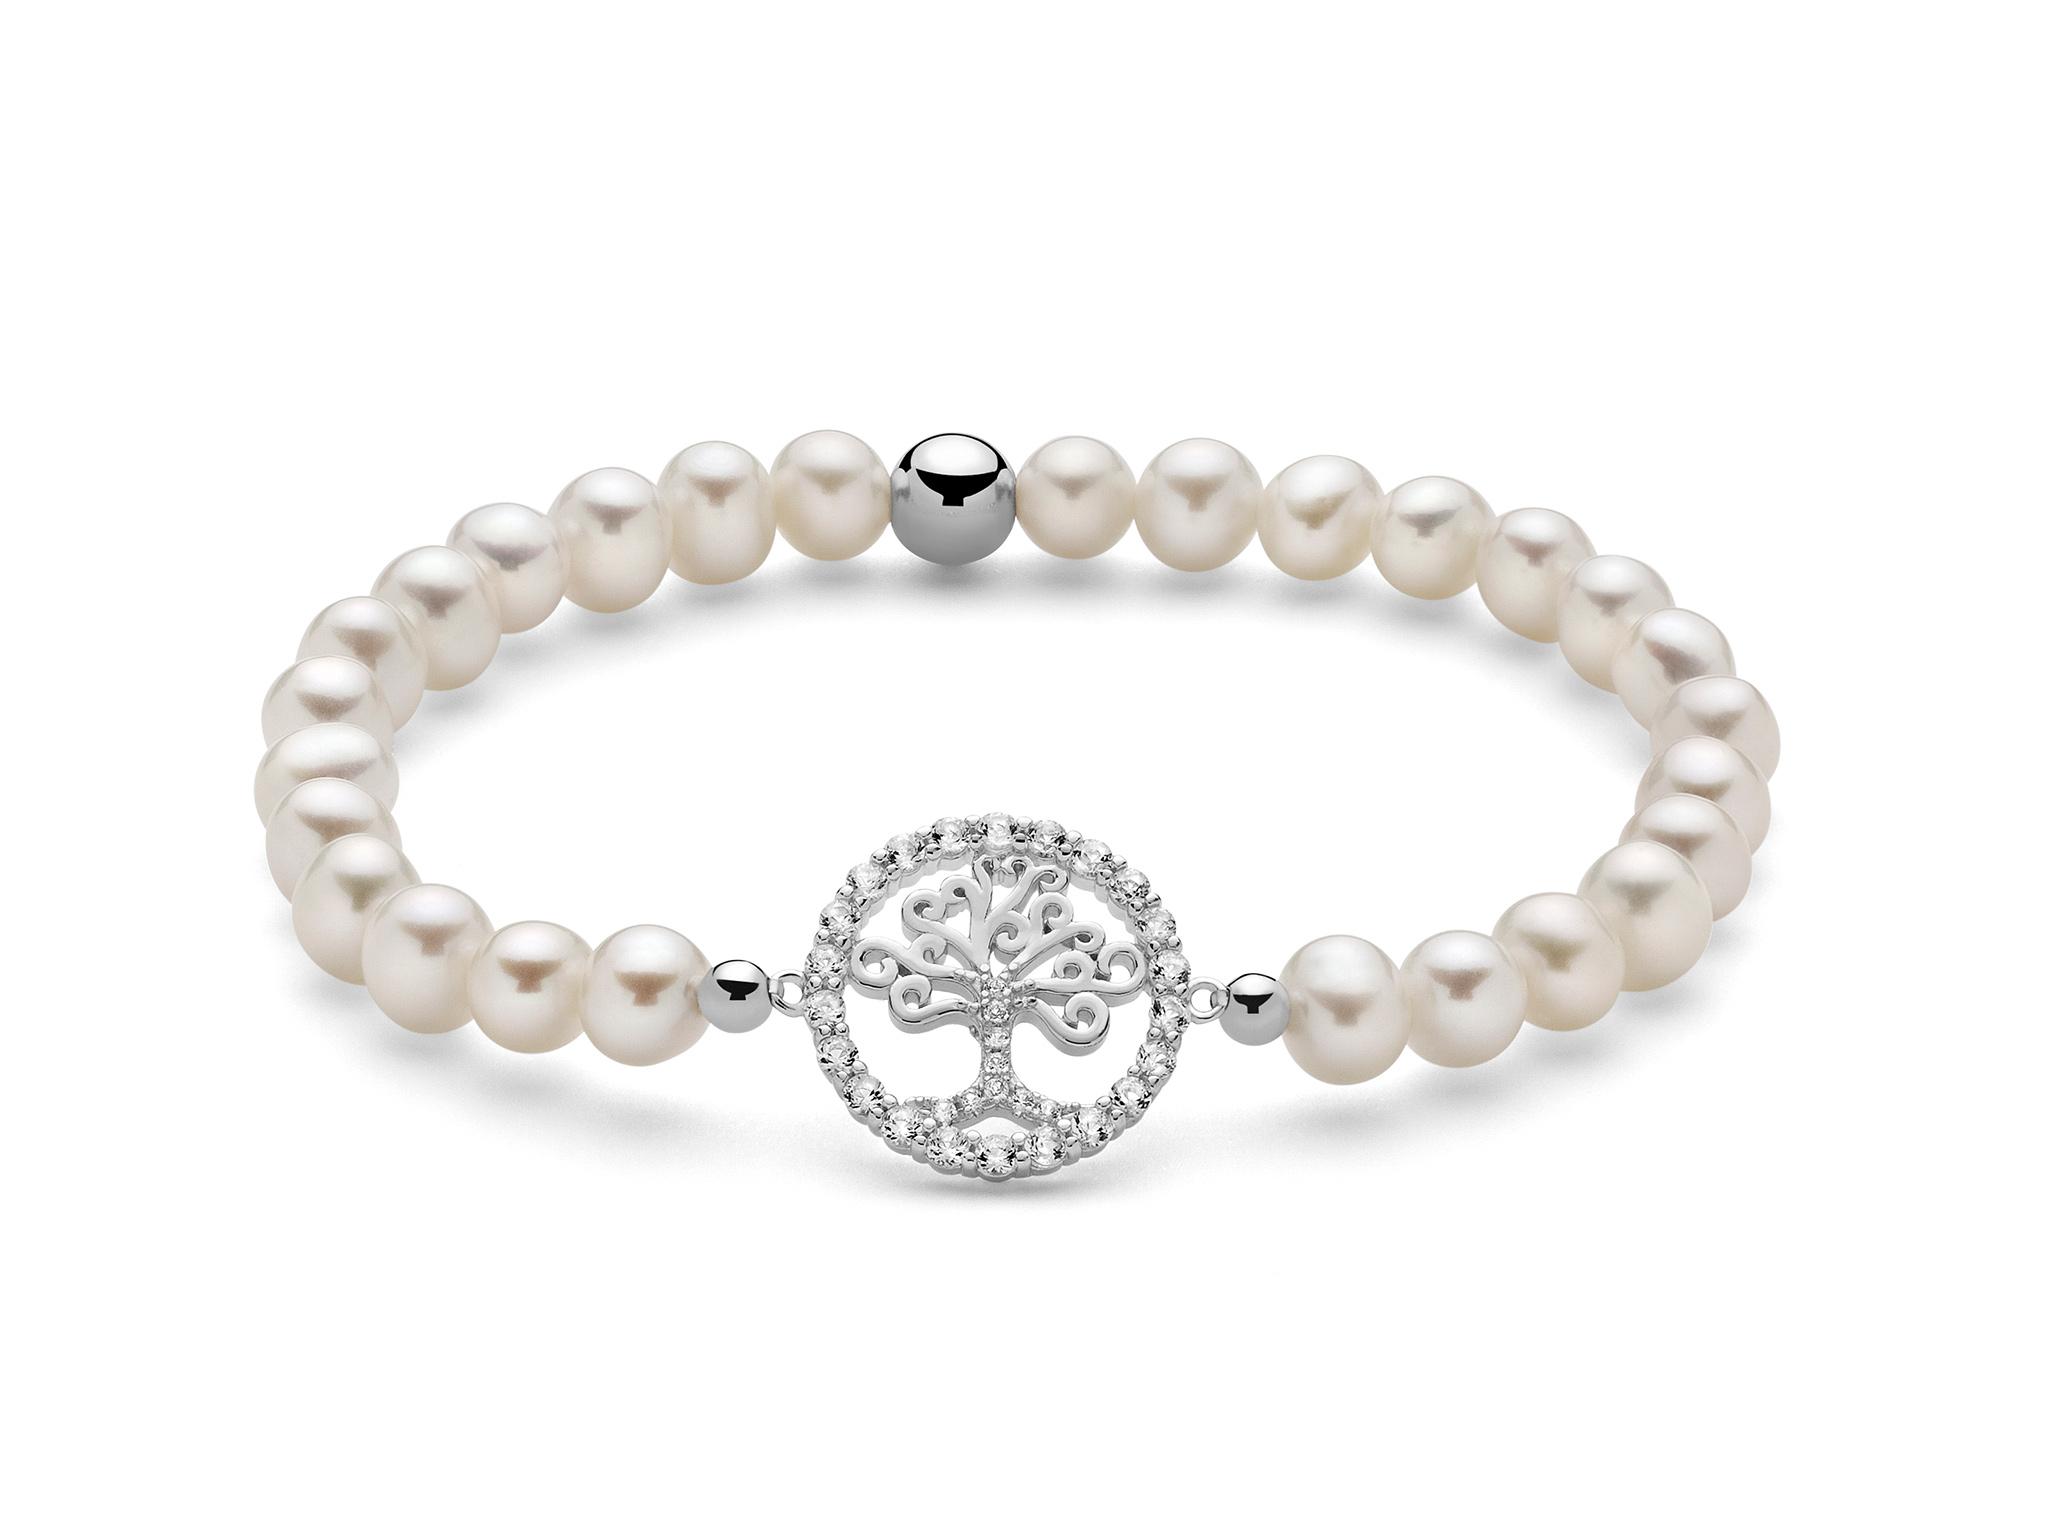 Bracciale di perle con albero della vita in argento. - PBR2605-TPZ